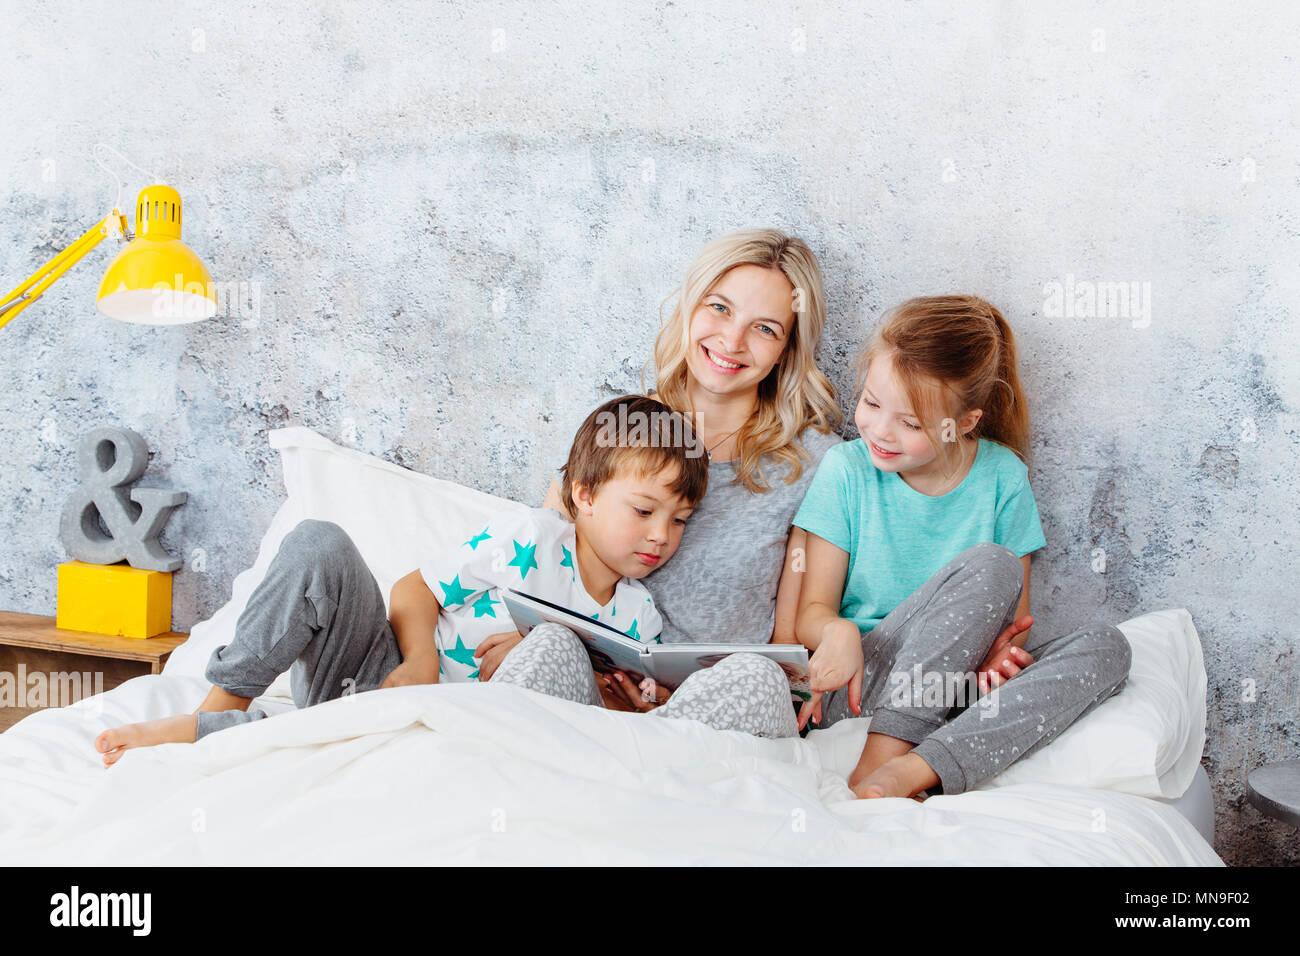 Belle mère est en train de lire une histoire à ses enfants Photo Stock